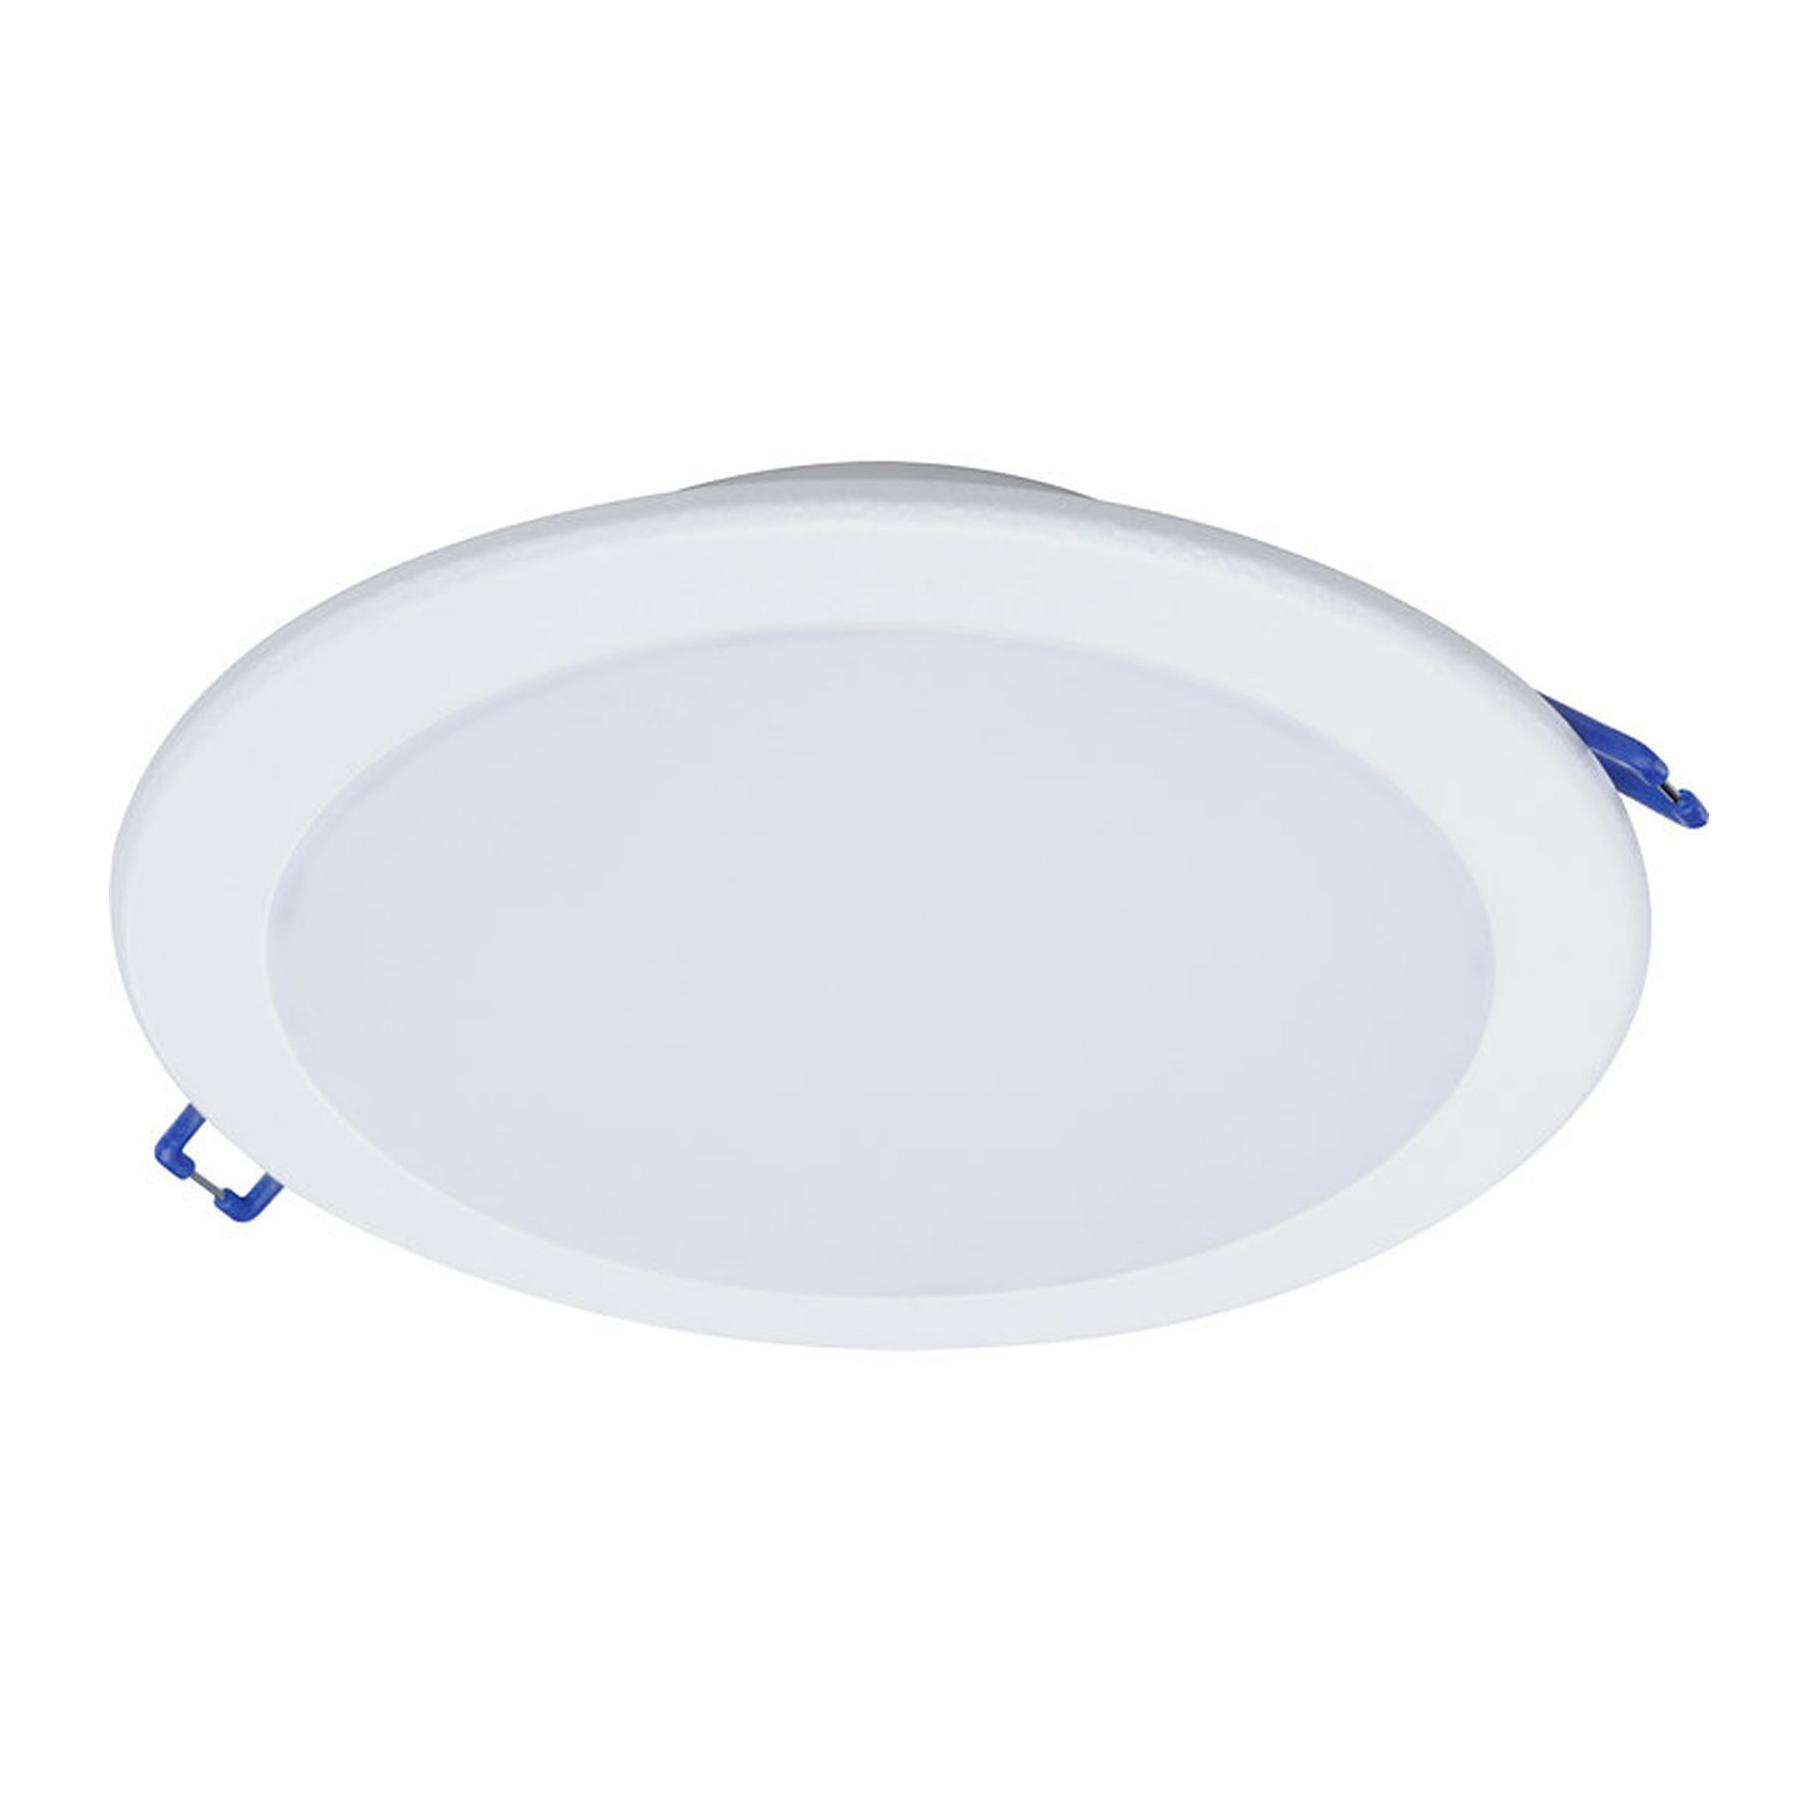 Настенно-потолочный светильник Philips DN027B LED15/NW D175